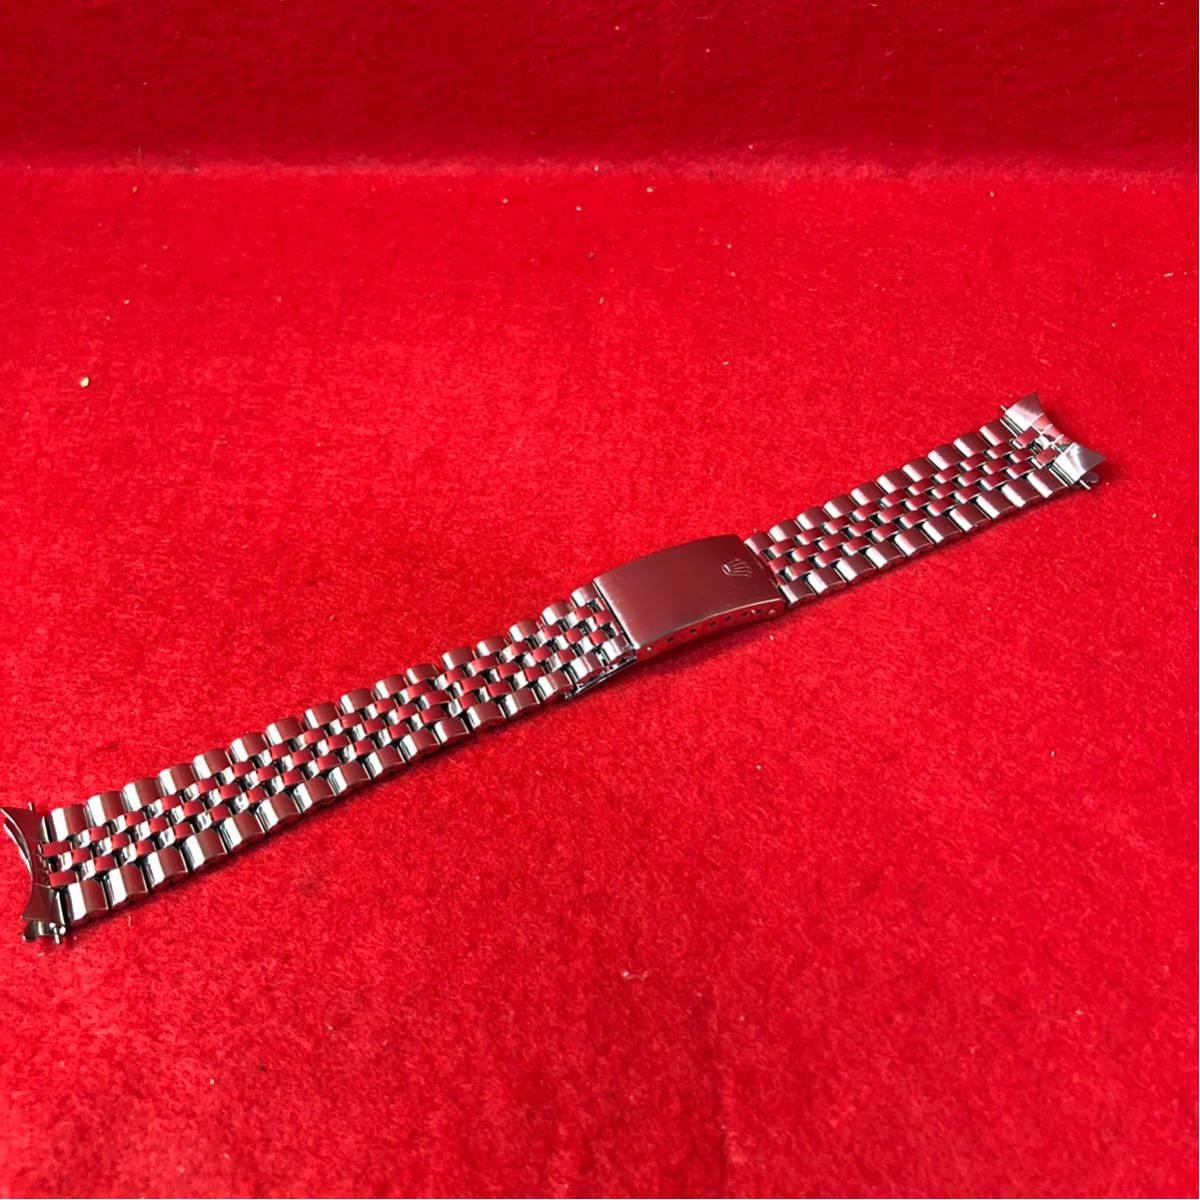 60000円~【美品】ROLEX ロレックス 純正 20mm 巻き ジュビリーブレス 6251H/FF55 メンズ 腕時計 ベルト パーツ 部品_画像1